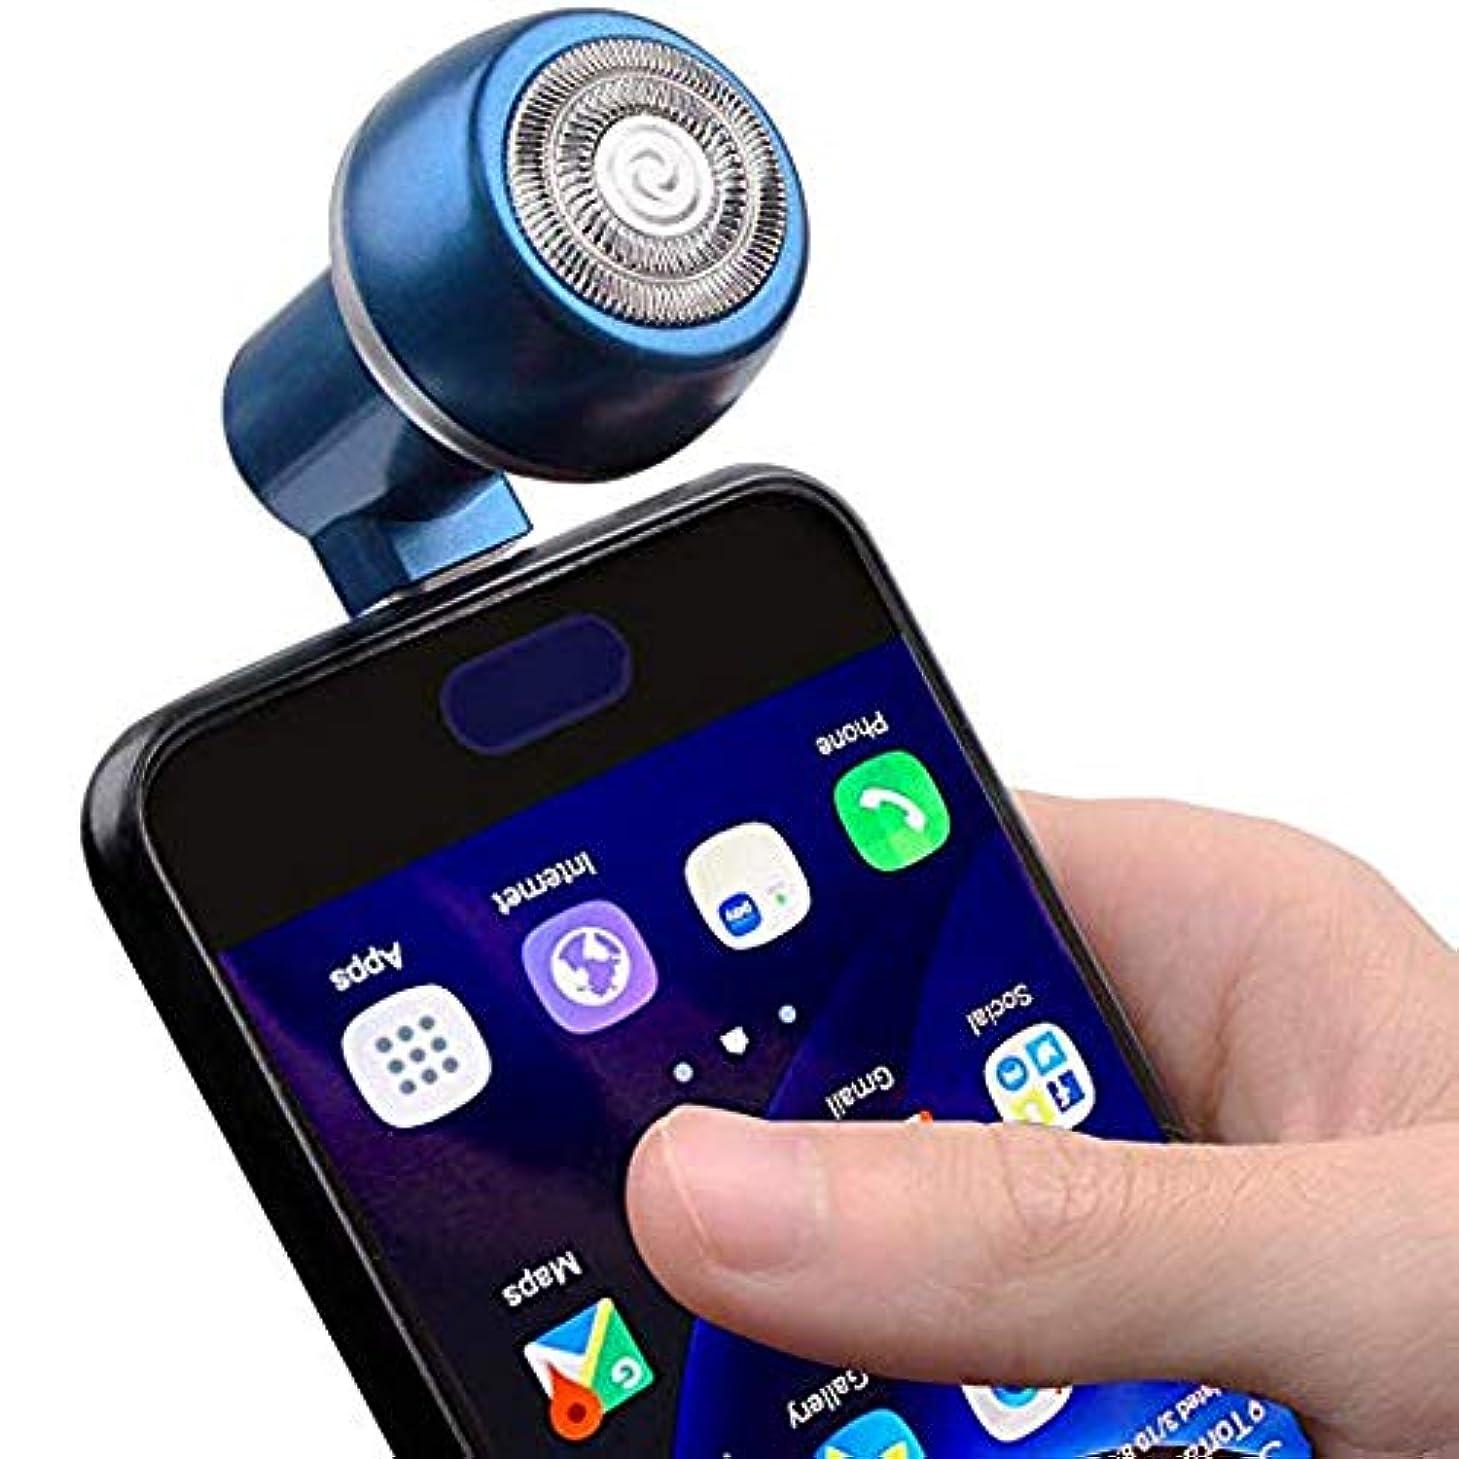 中庭マントル外側iCaree 旅行電話シェーバー男性用ミニUSBスマートフォントリマー用Android携帯電話屋外ポータブルマイクロUSB電気シェーバー